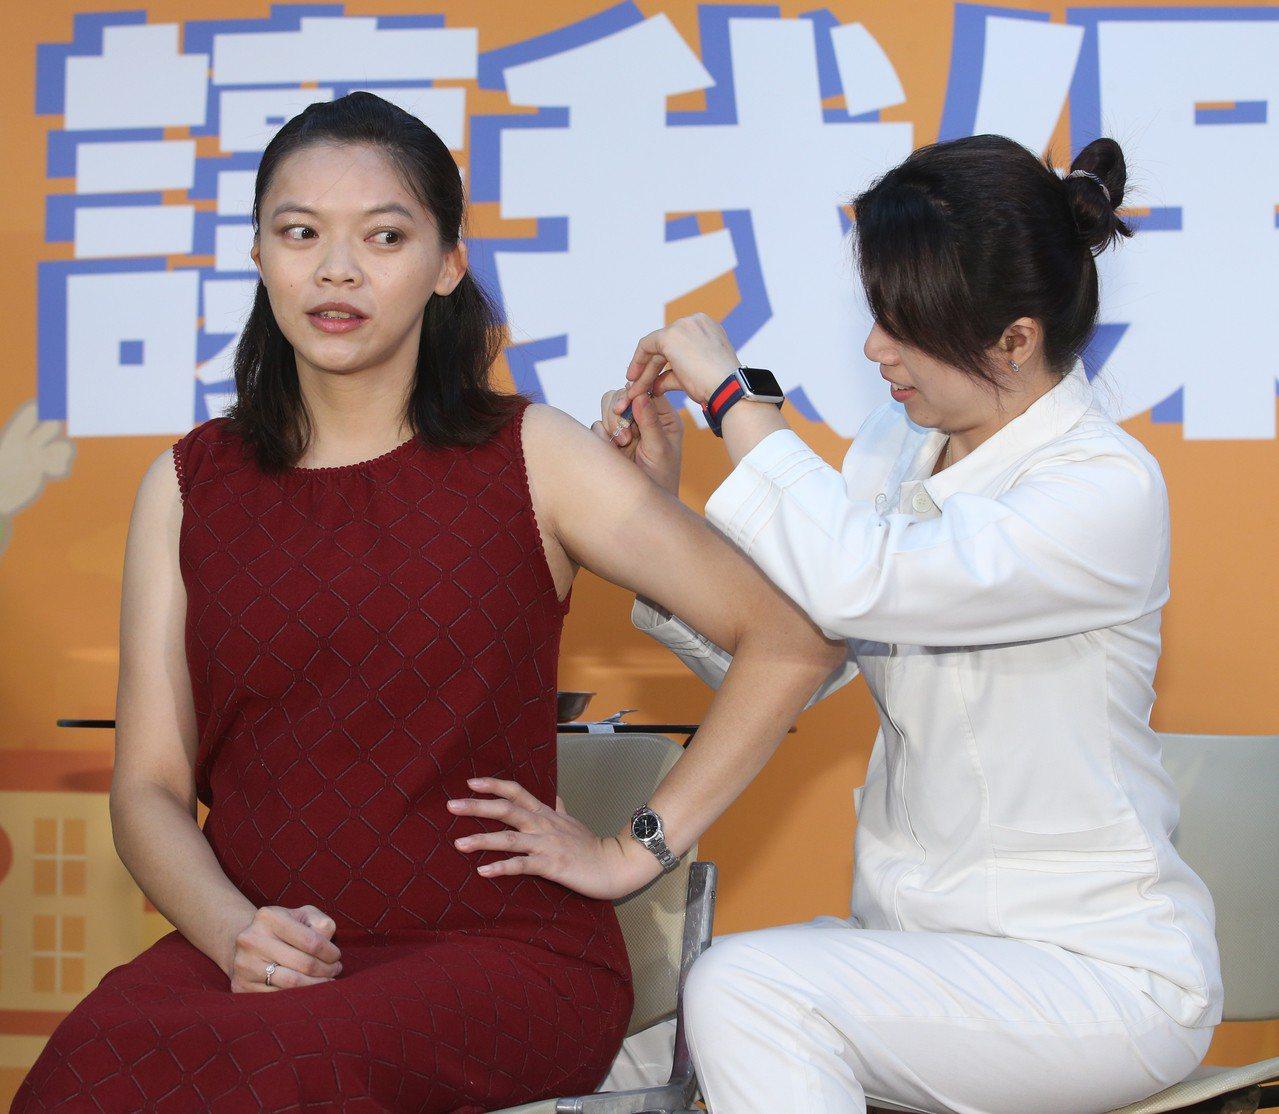 一支公費巴斯德流感疫苗被發現顏色異常,衛生單位緊急要求醫療院所暫緩施打同批號巴斯...